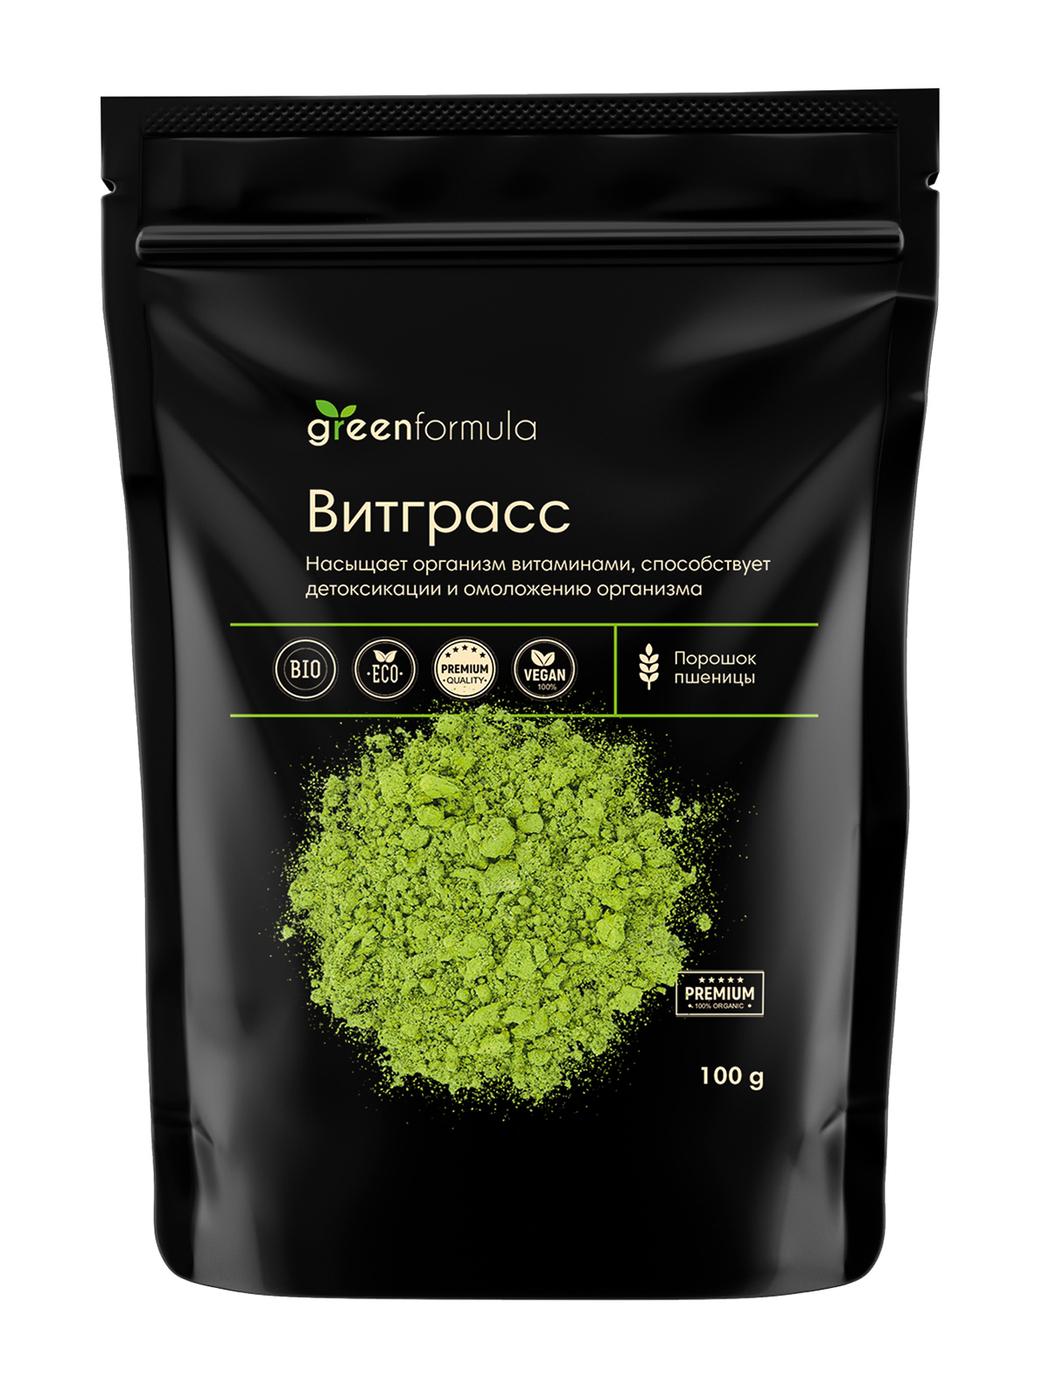 Порошок Витграсс (измельченные ростки пшеницы, здоровое питание, органик, сухой, для напитка), 100 грамм